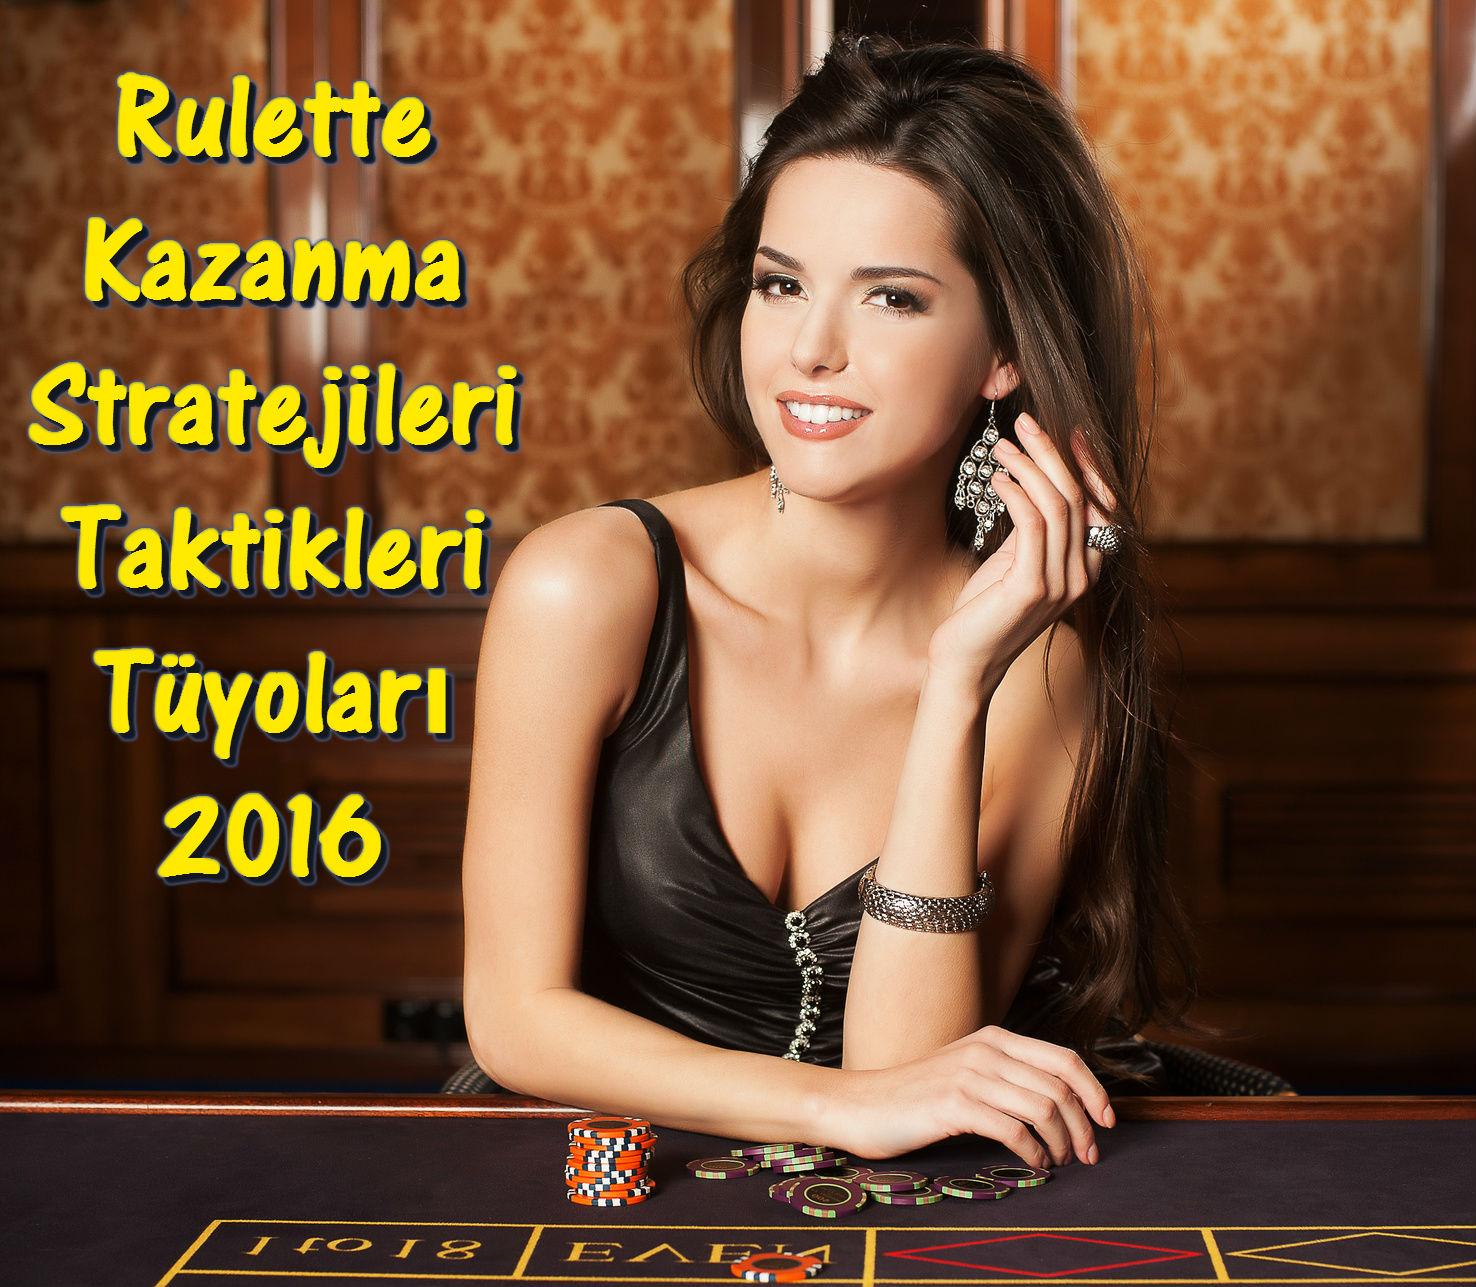 Rulet Taktikleri 2016, Rulet Nasıl Kazanılır?, Rulet Tüyoları 2016, Rulet Stratejileri 2016, Rulet Kazanma 2016